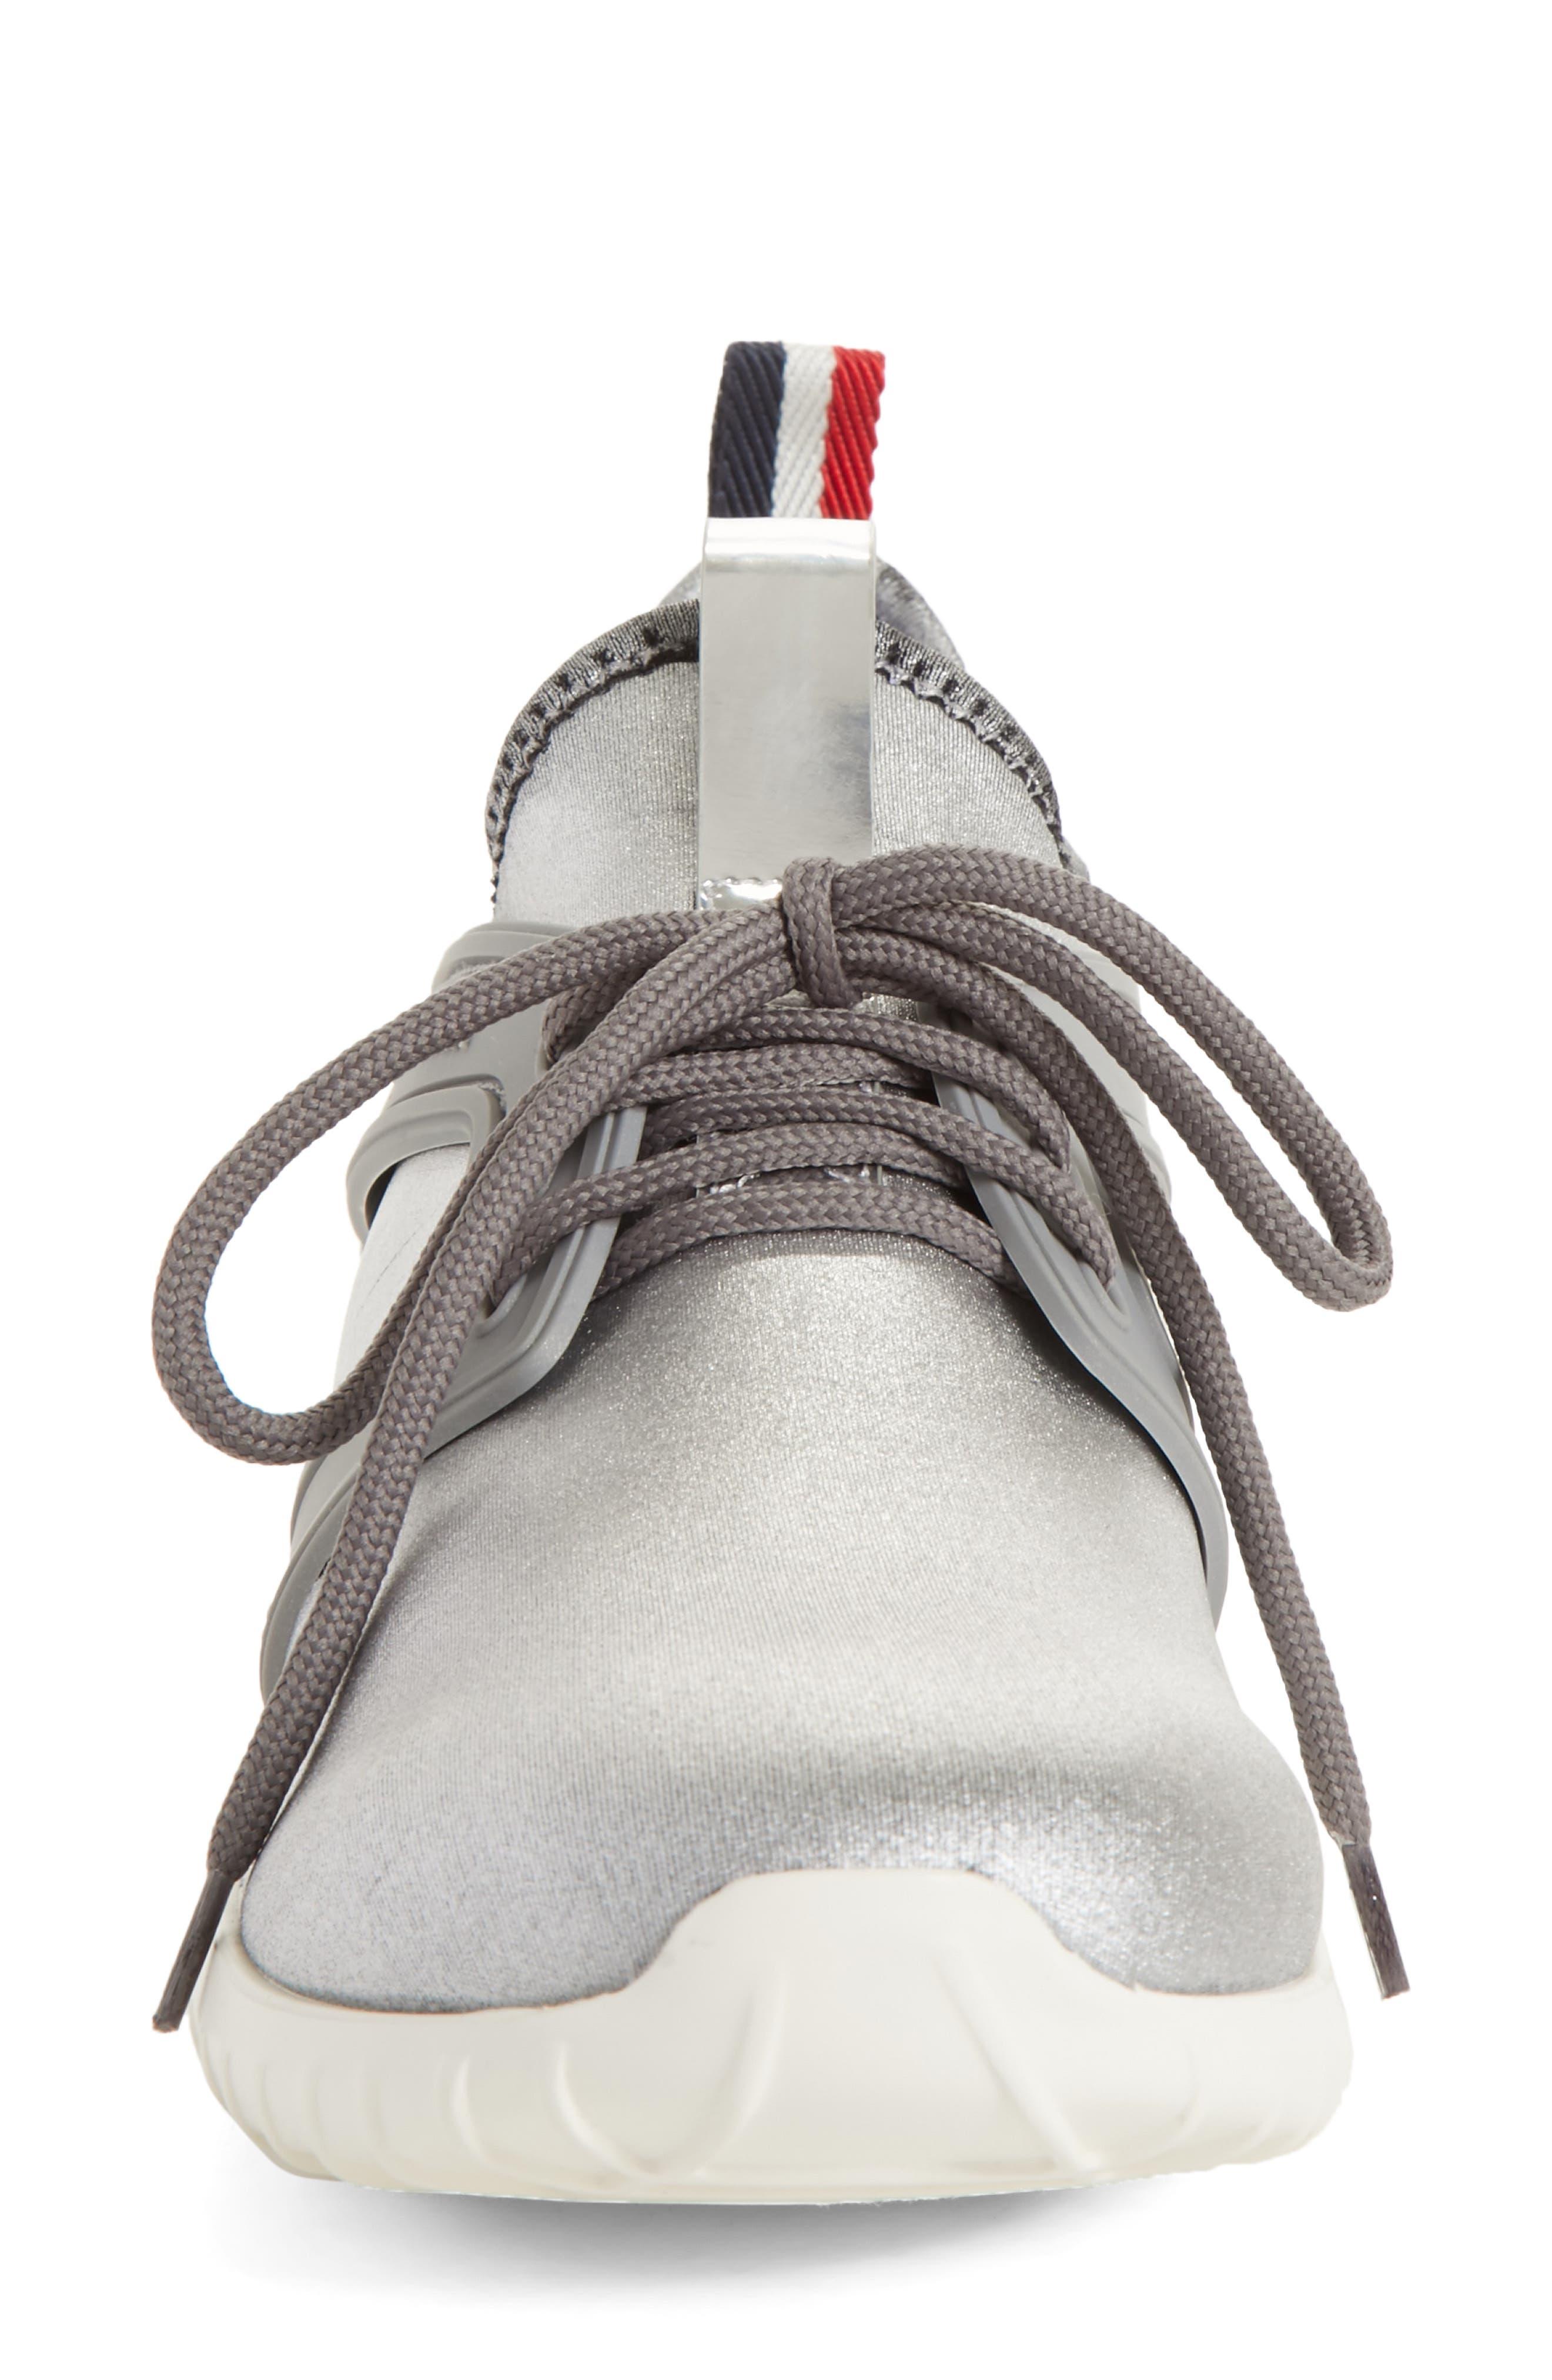 Meline Runner Sneaker,                             Alternate thumbnail 4, color,                             Silver